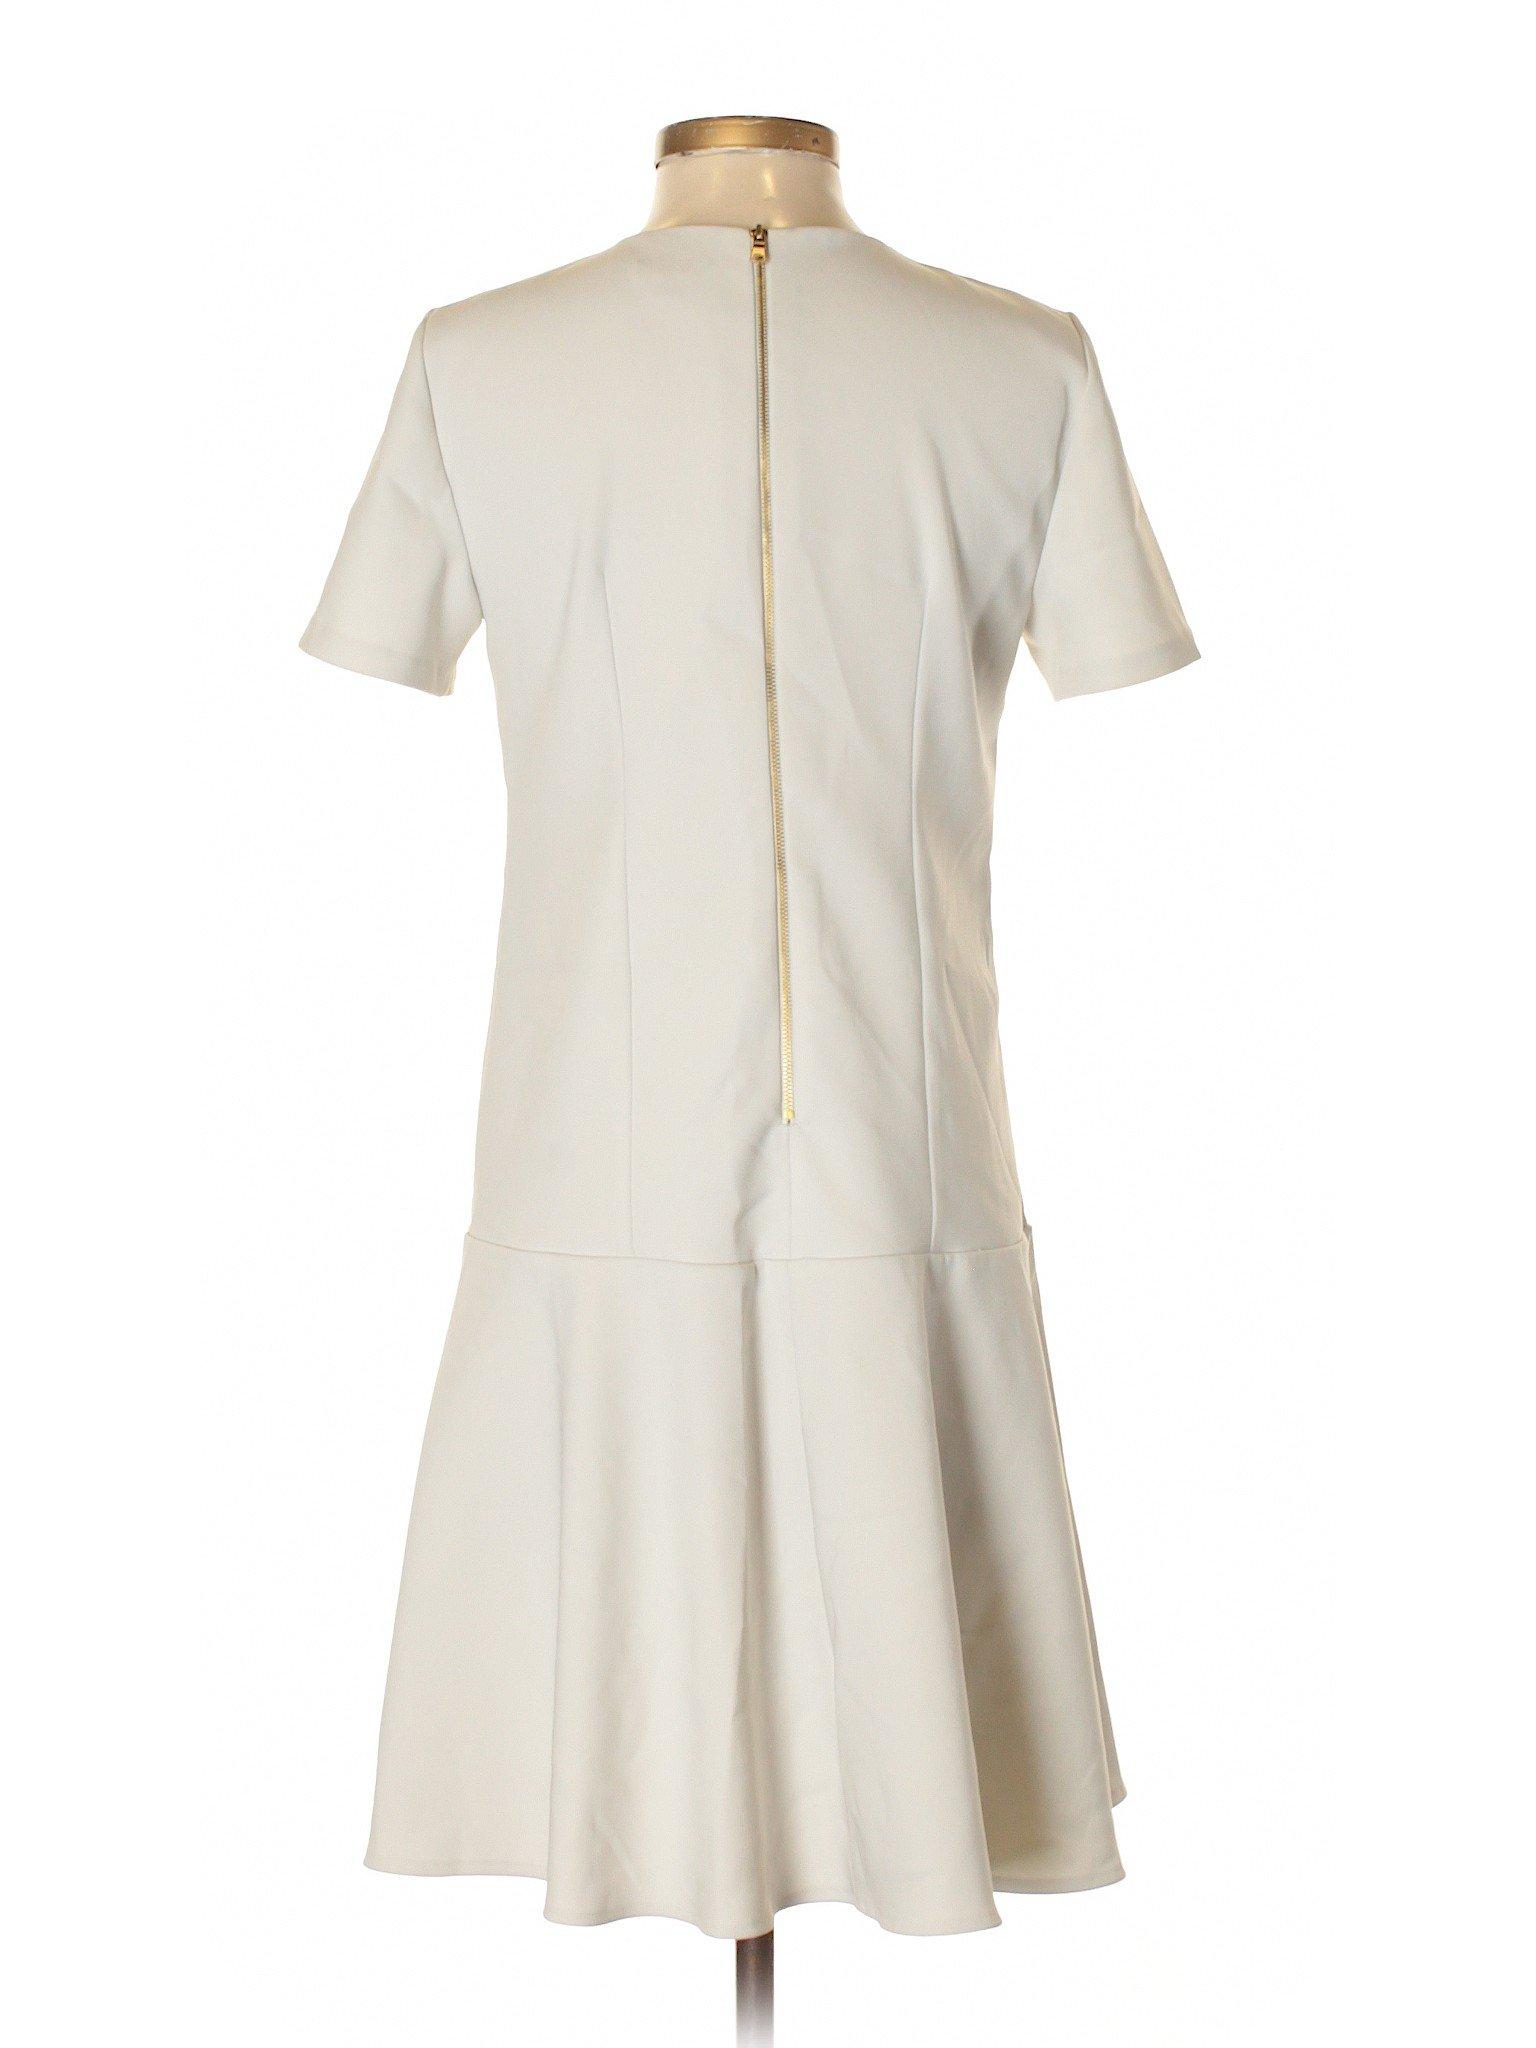 Boutique winter Ann Taylor Dress Casual vvaFqPwr